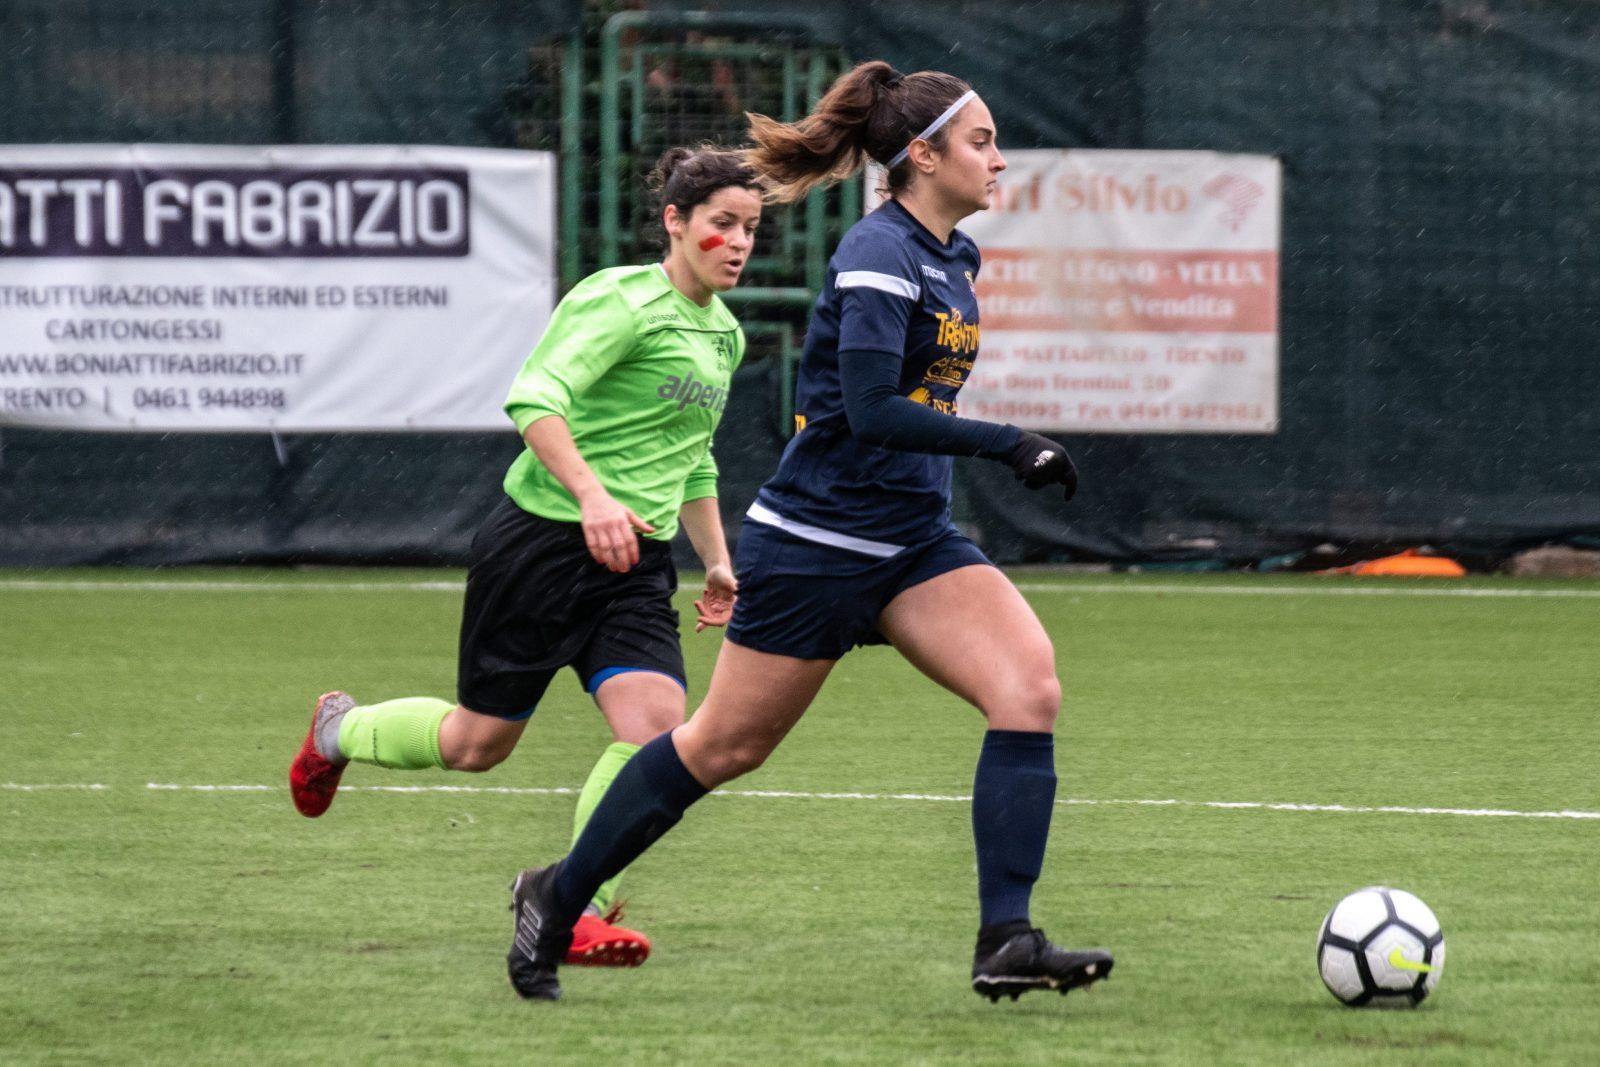 Trento vs Unterland Damen_Coppa Italia